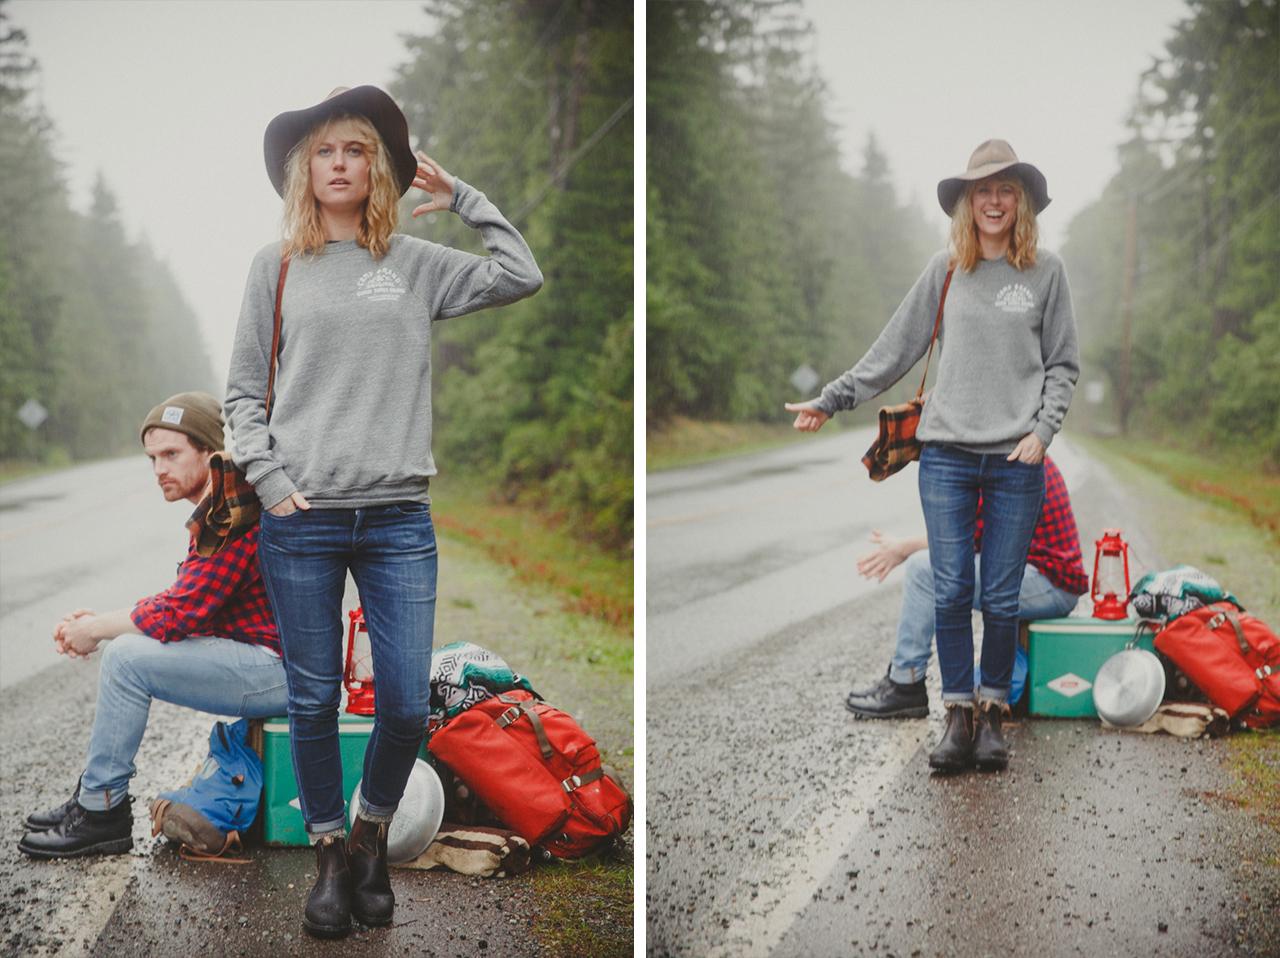 v-campbrandgoods-lifestyle-photographer-mikeseehagel-12